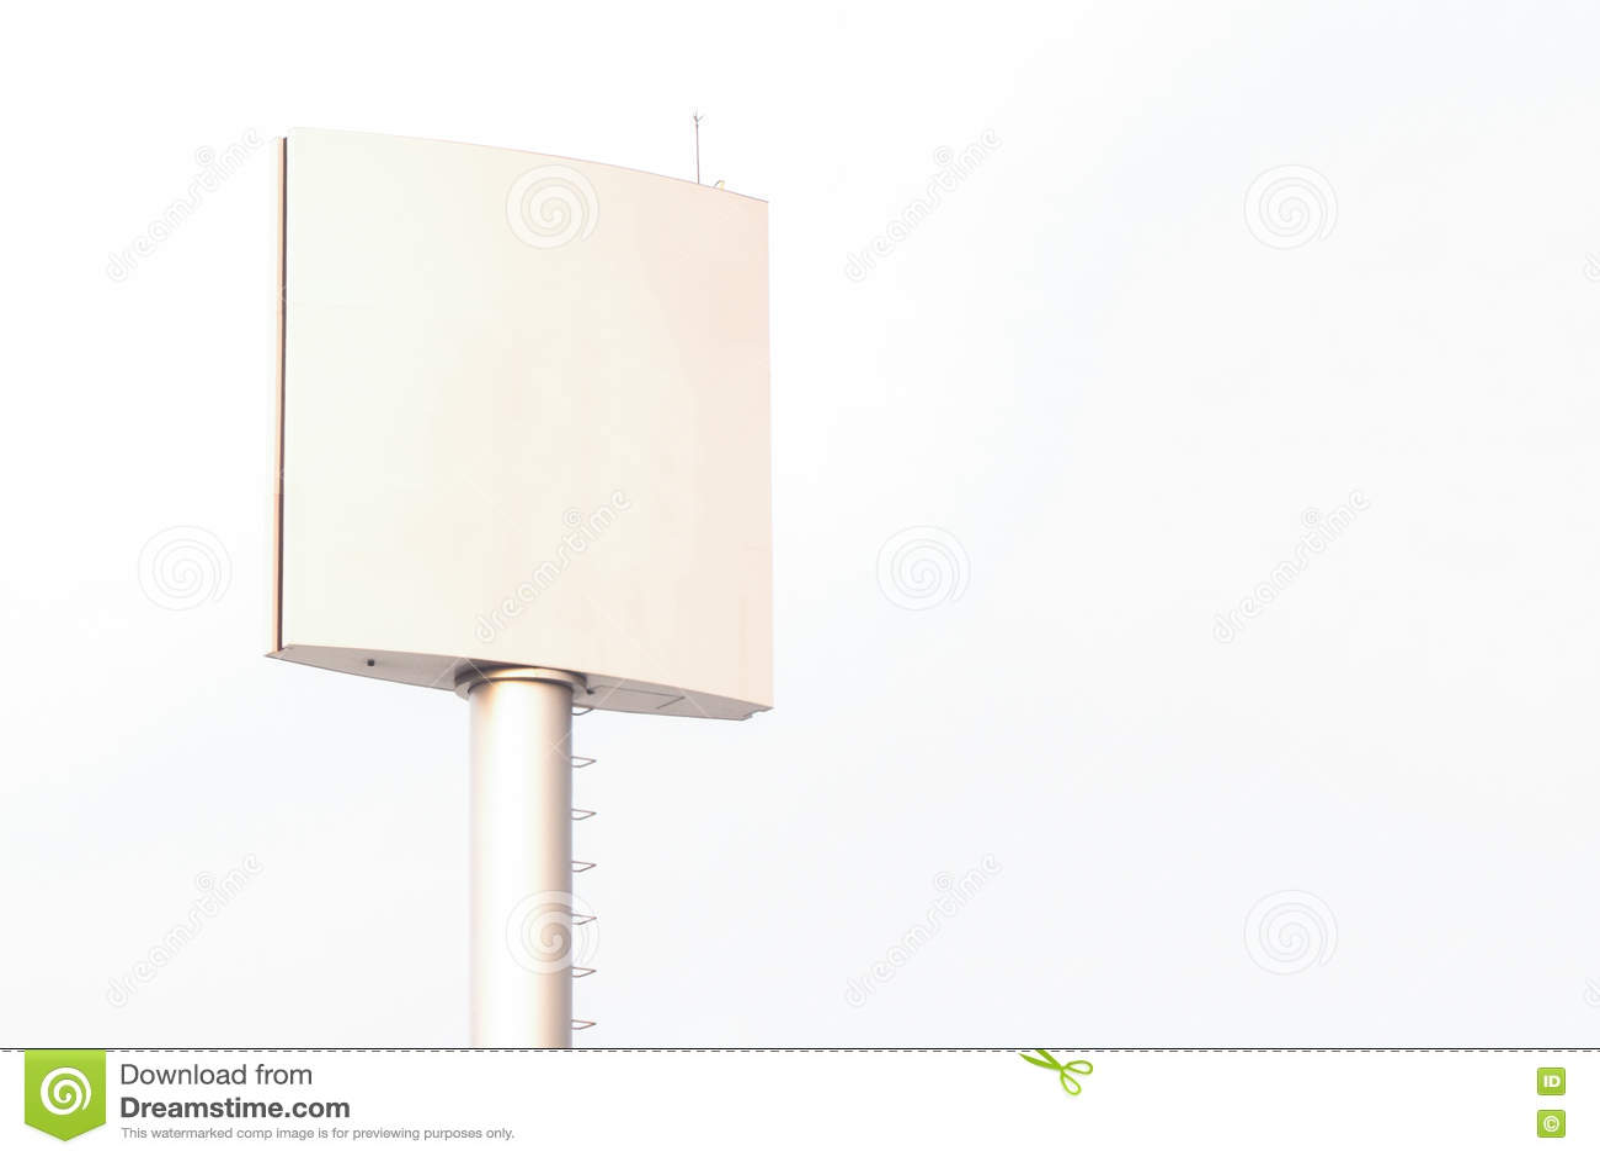 Cartelera en blanco para el cartel de la publicidad al aire libre o cartelera en blanco en el tiempo del día para el anuncio